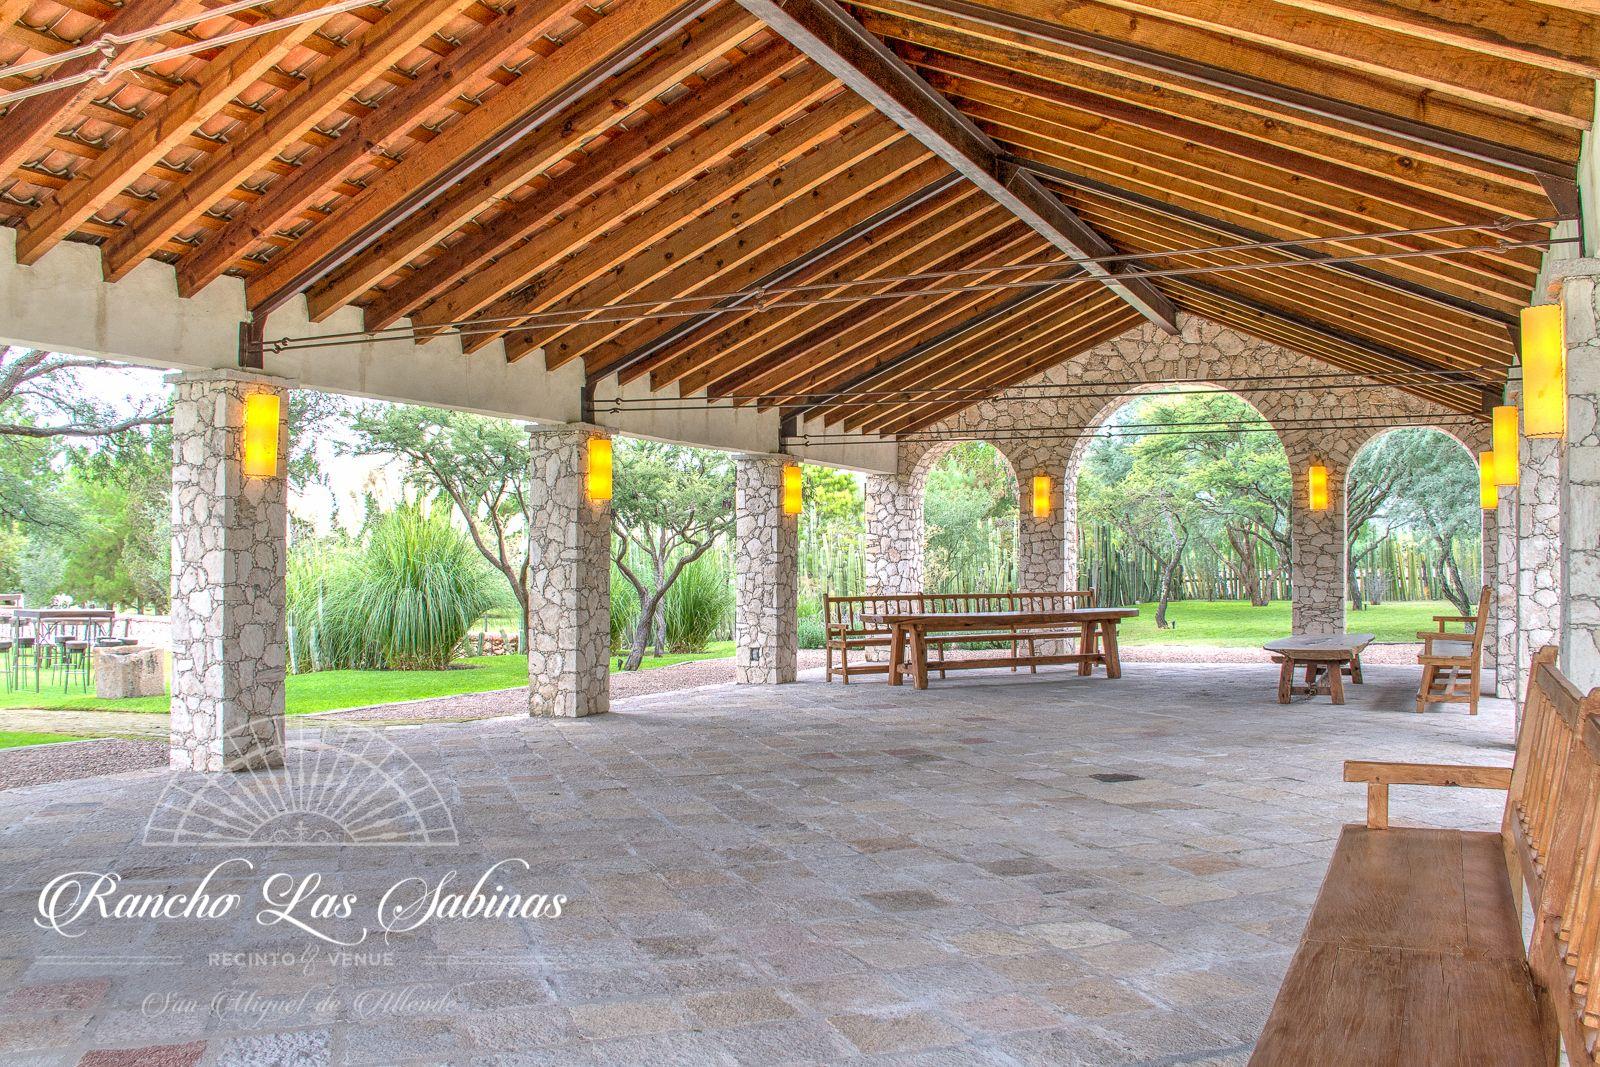 Pergola Open Space For Any Event Fachada De Casas Mexicanas Casas Para Eventos Terraza Eventos